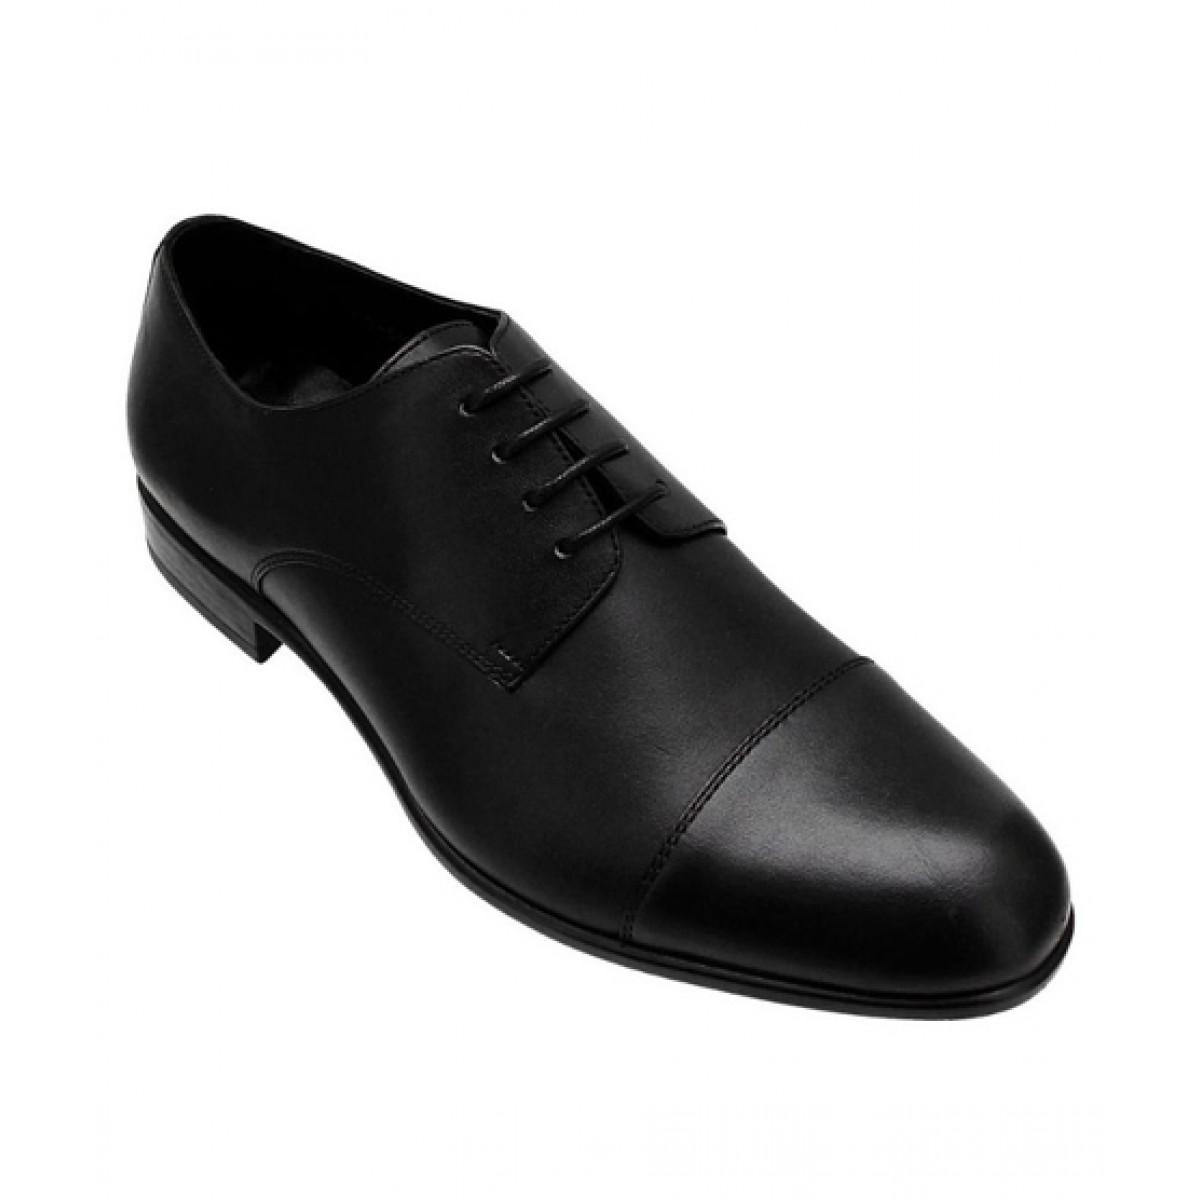 Marc Kessler Formal Classic Derby Shoes For Men Black (MK-SM-0003)